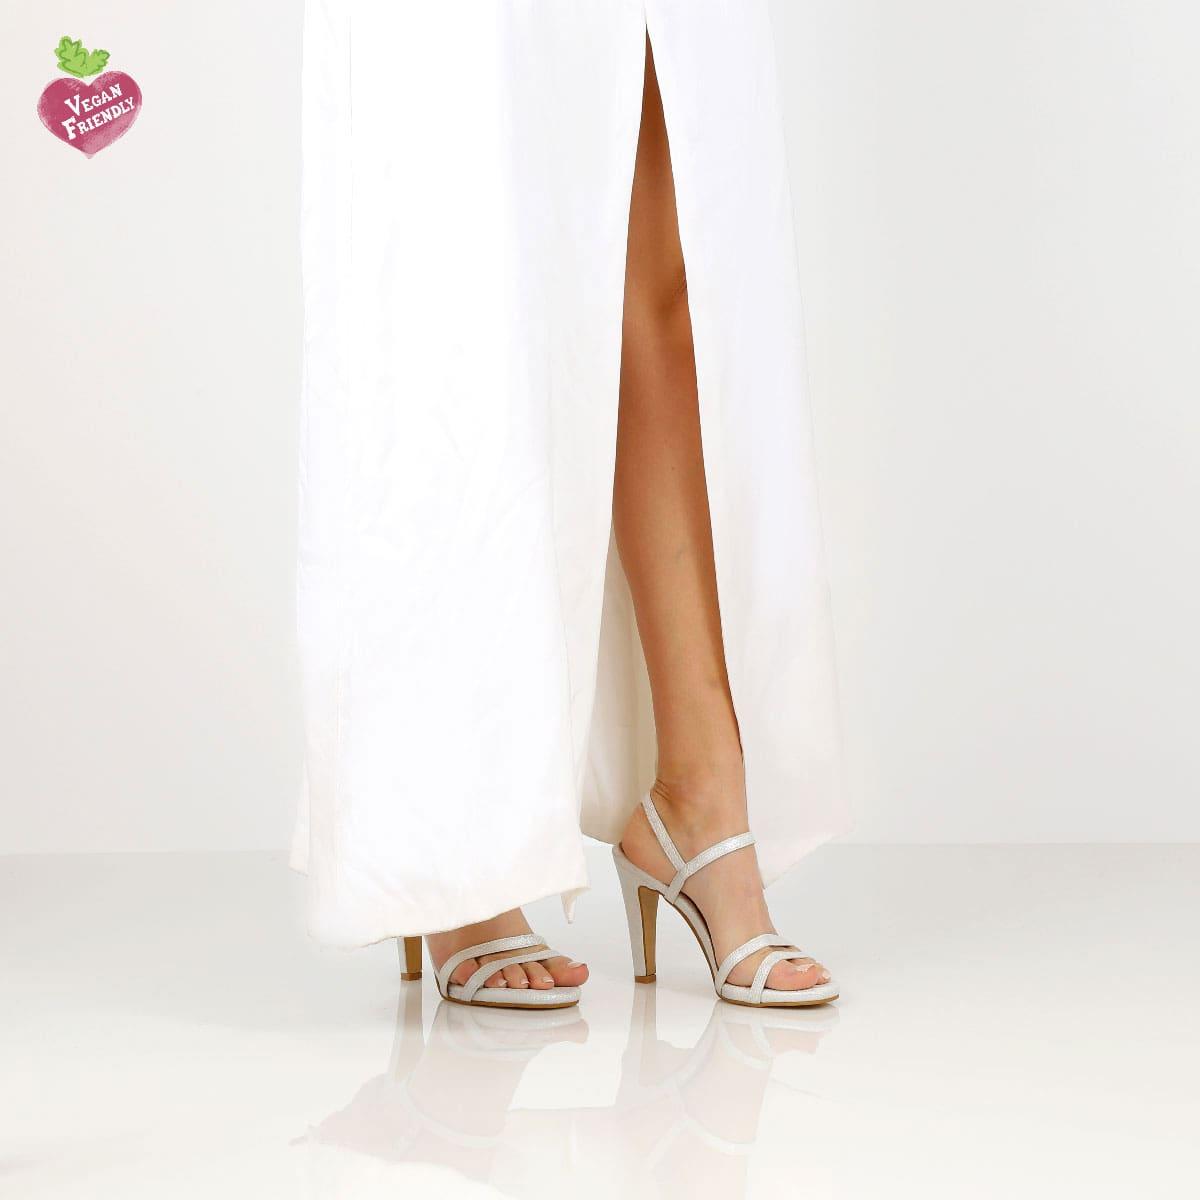 דגם עדן: נעלי עקב טבעוניות בצבע כסף נצנץ